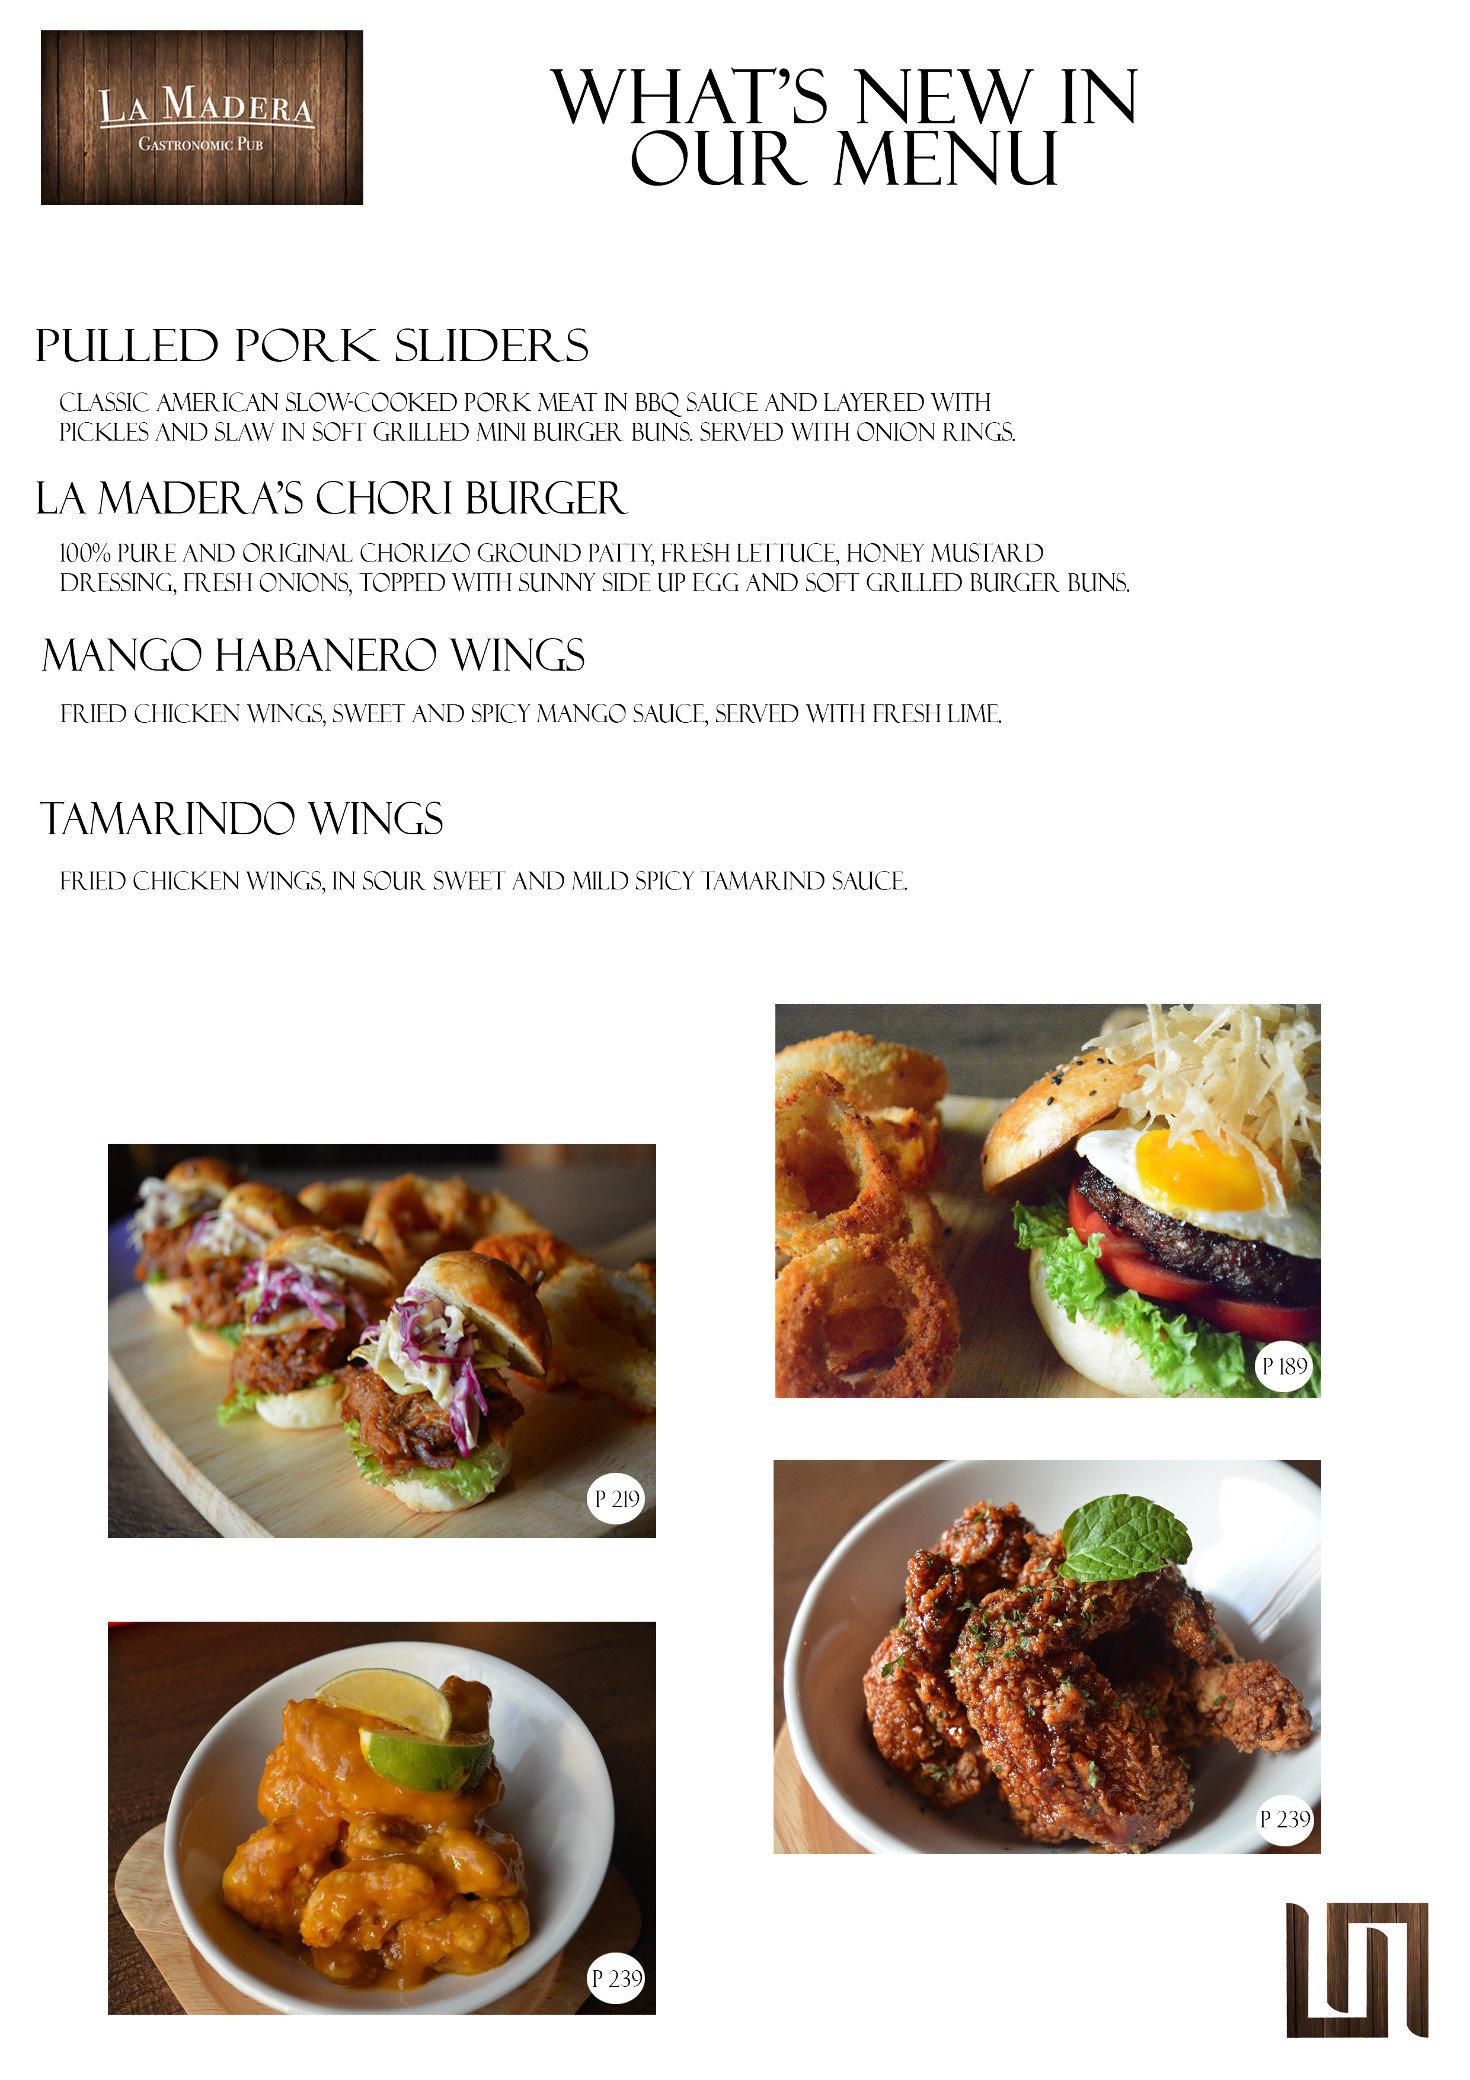 La madera gastronomic pub tomas morato ave quezon city for Bar food la menu